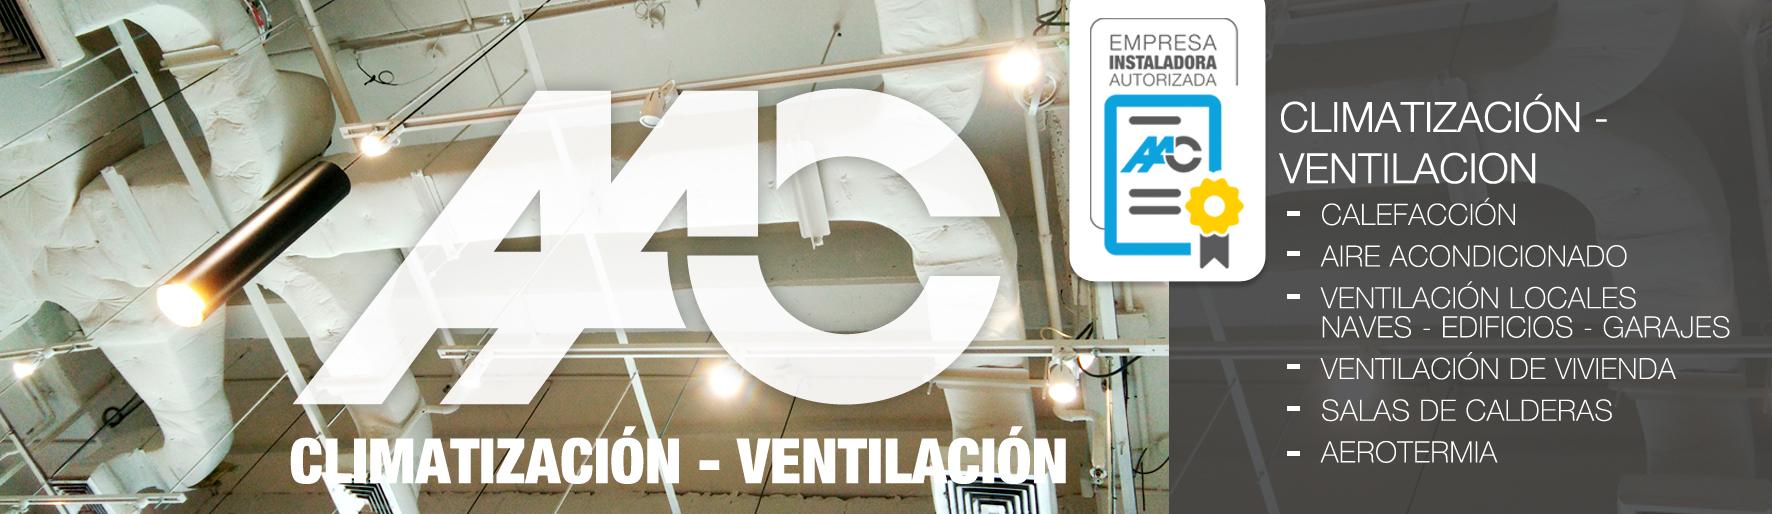 Almeida instalaciones y contrucción-CLIMATIZACIÓN